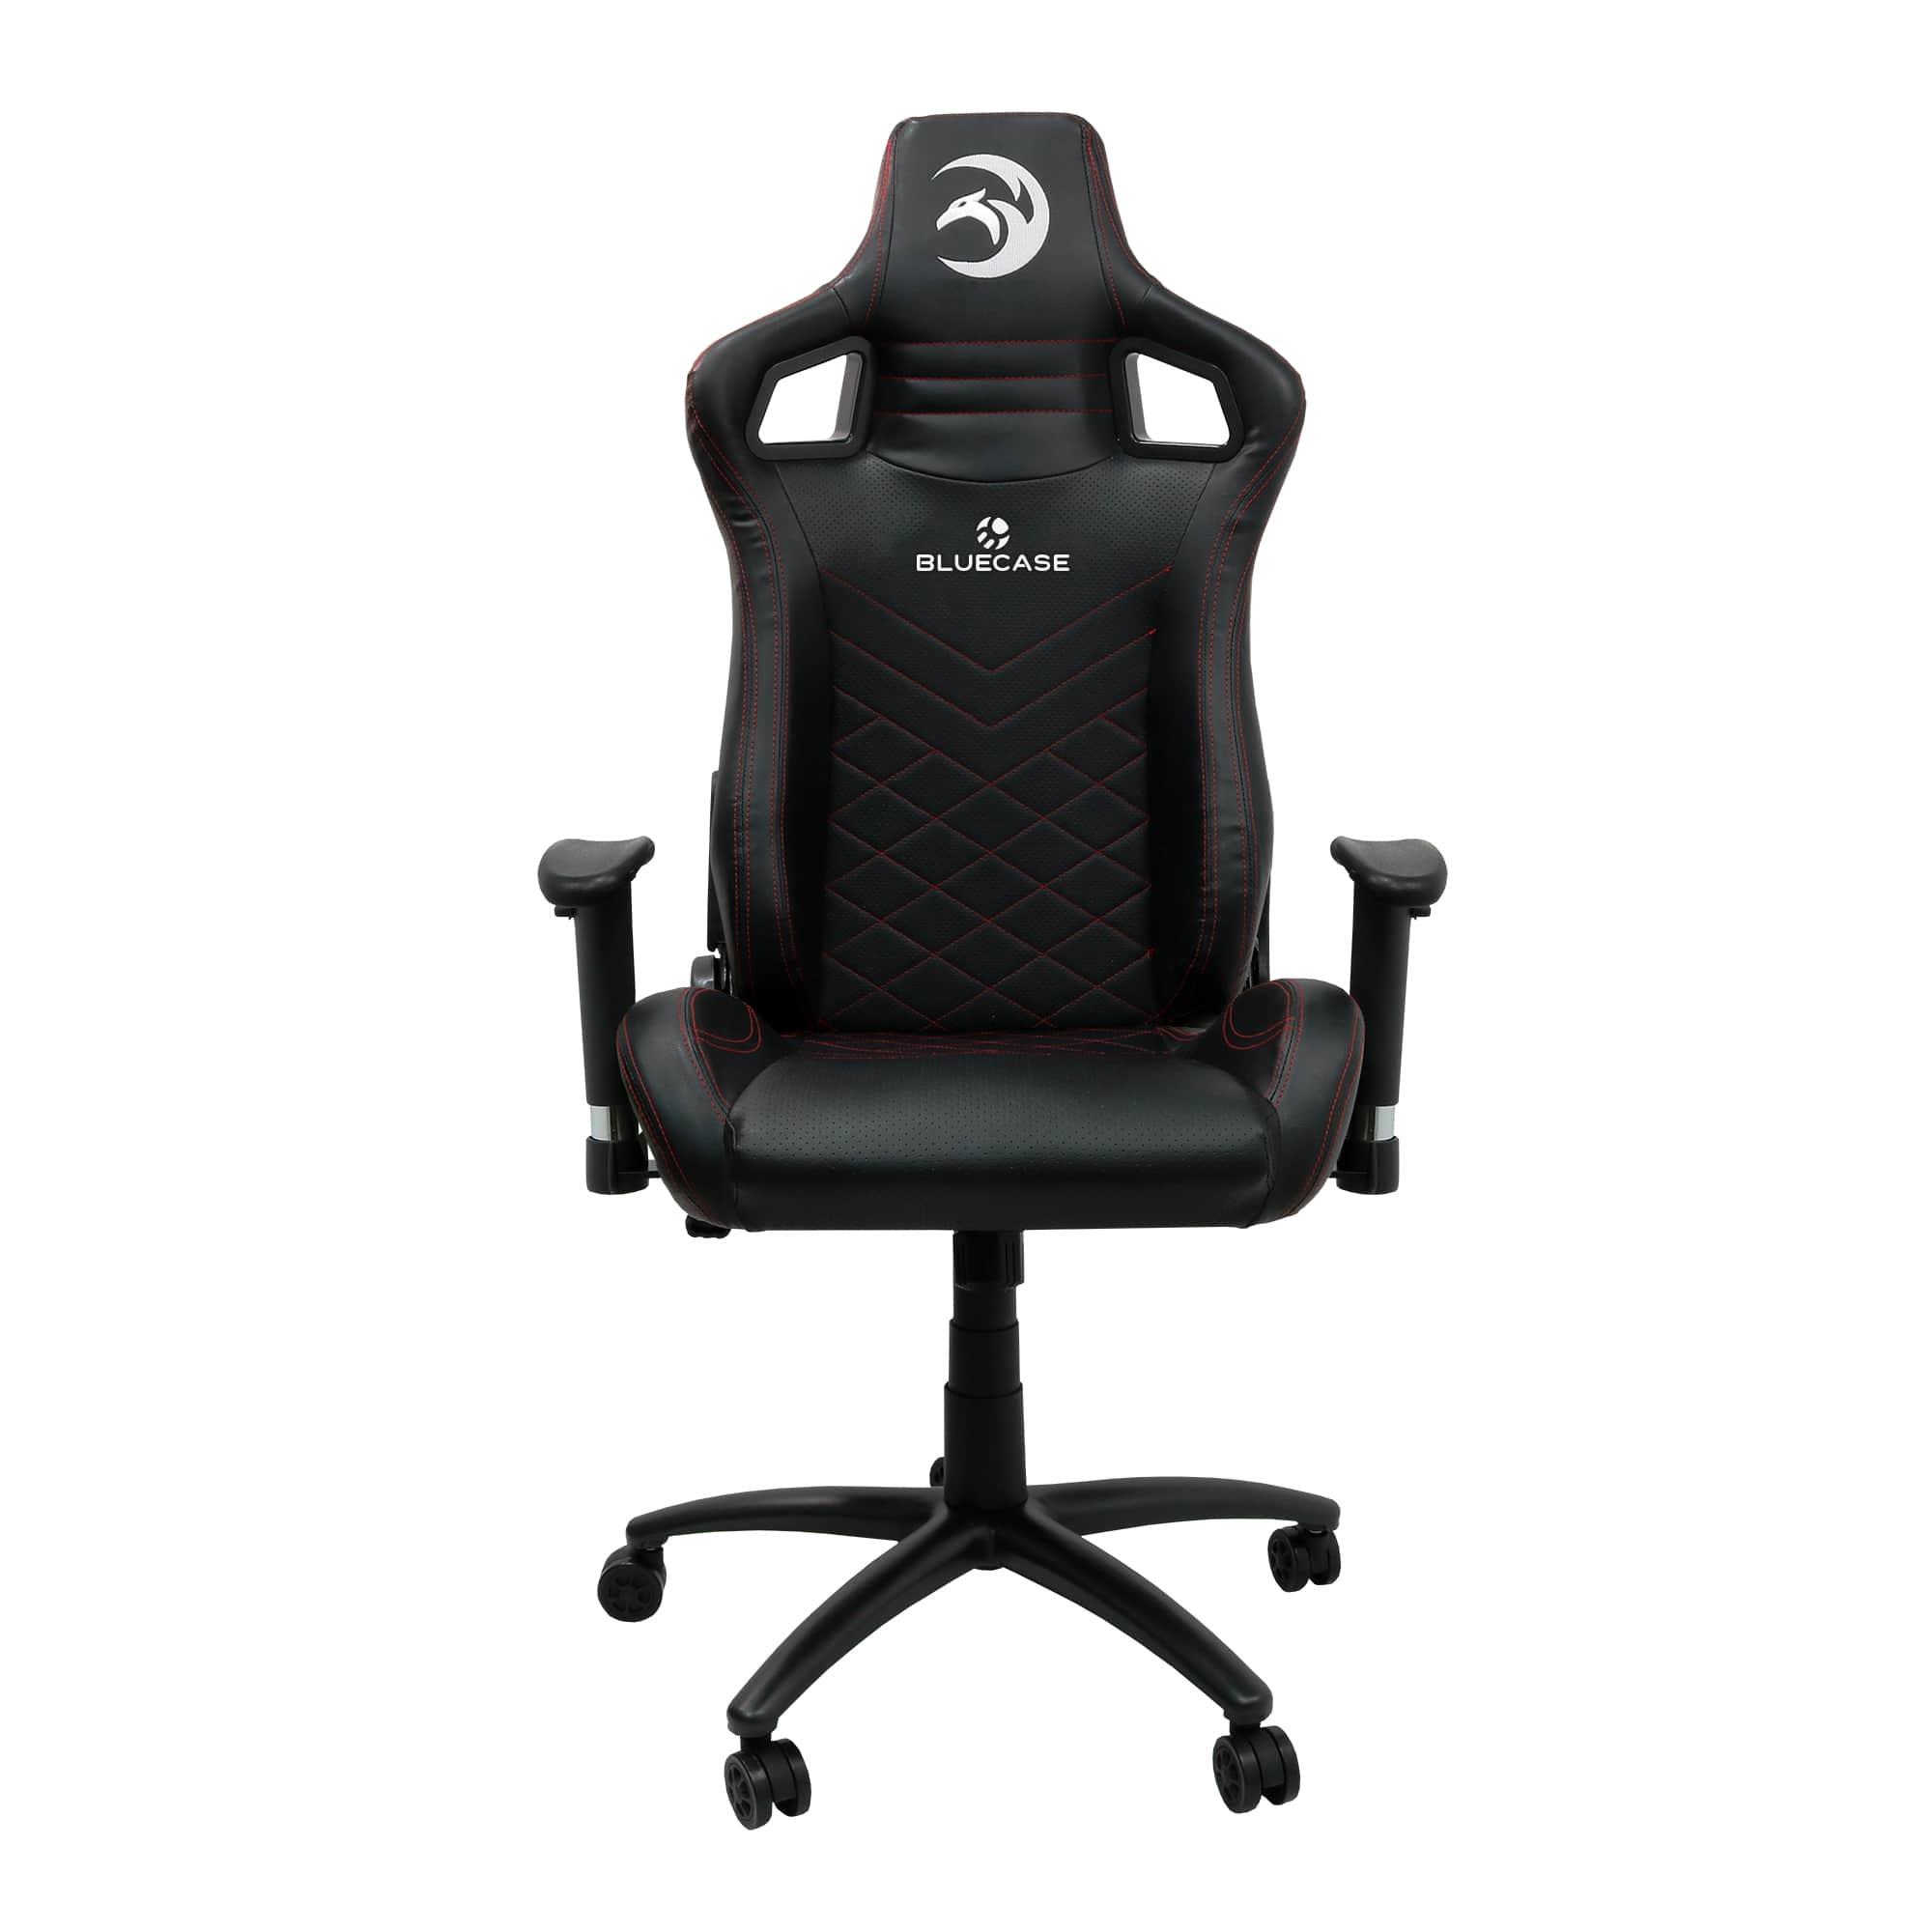 Cadeira Gamer Bluecase Preto/ Linhas Vermelhas Ruby BCH-27RBK